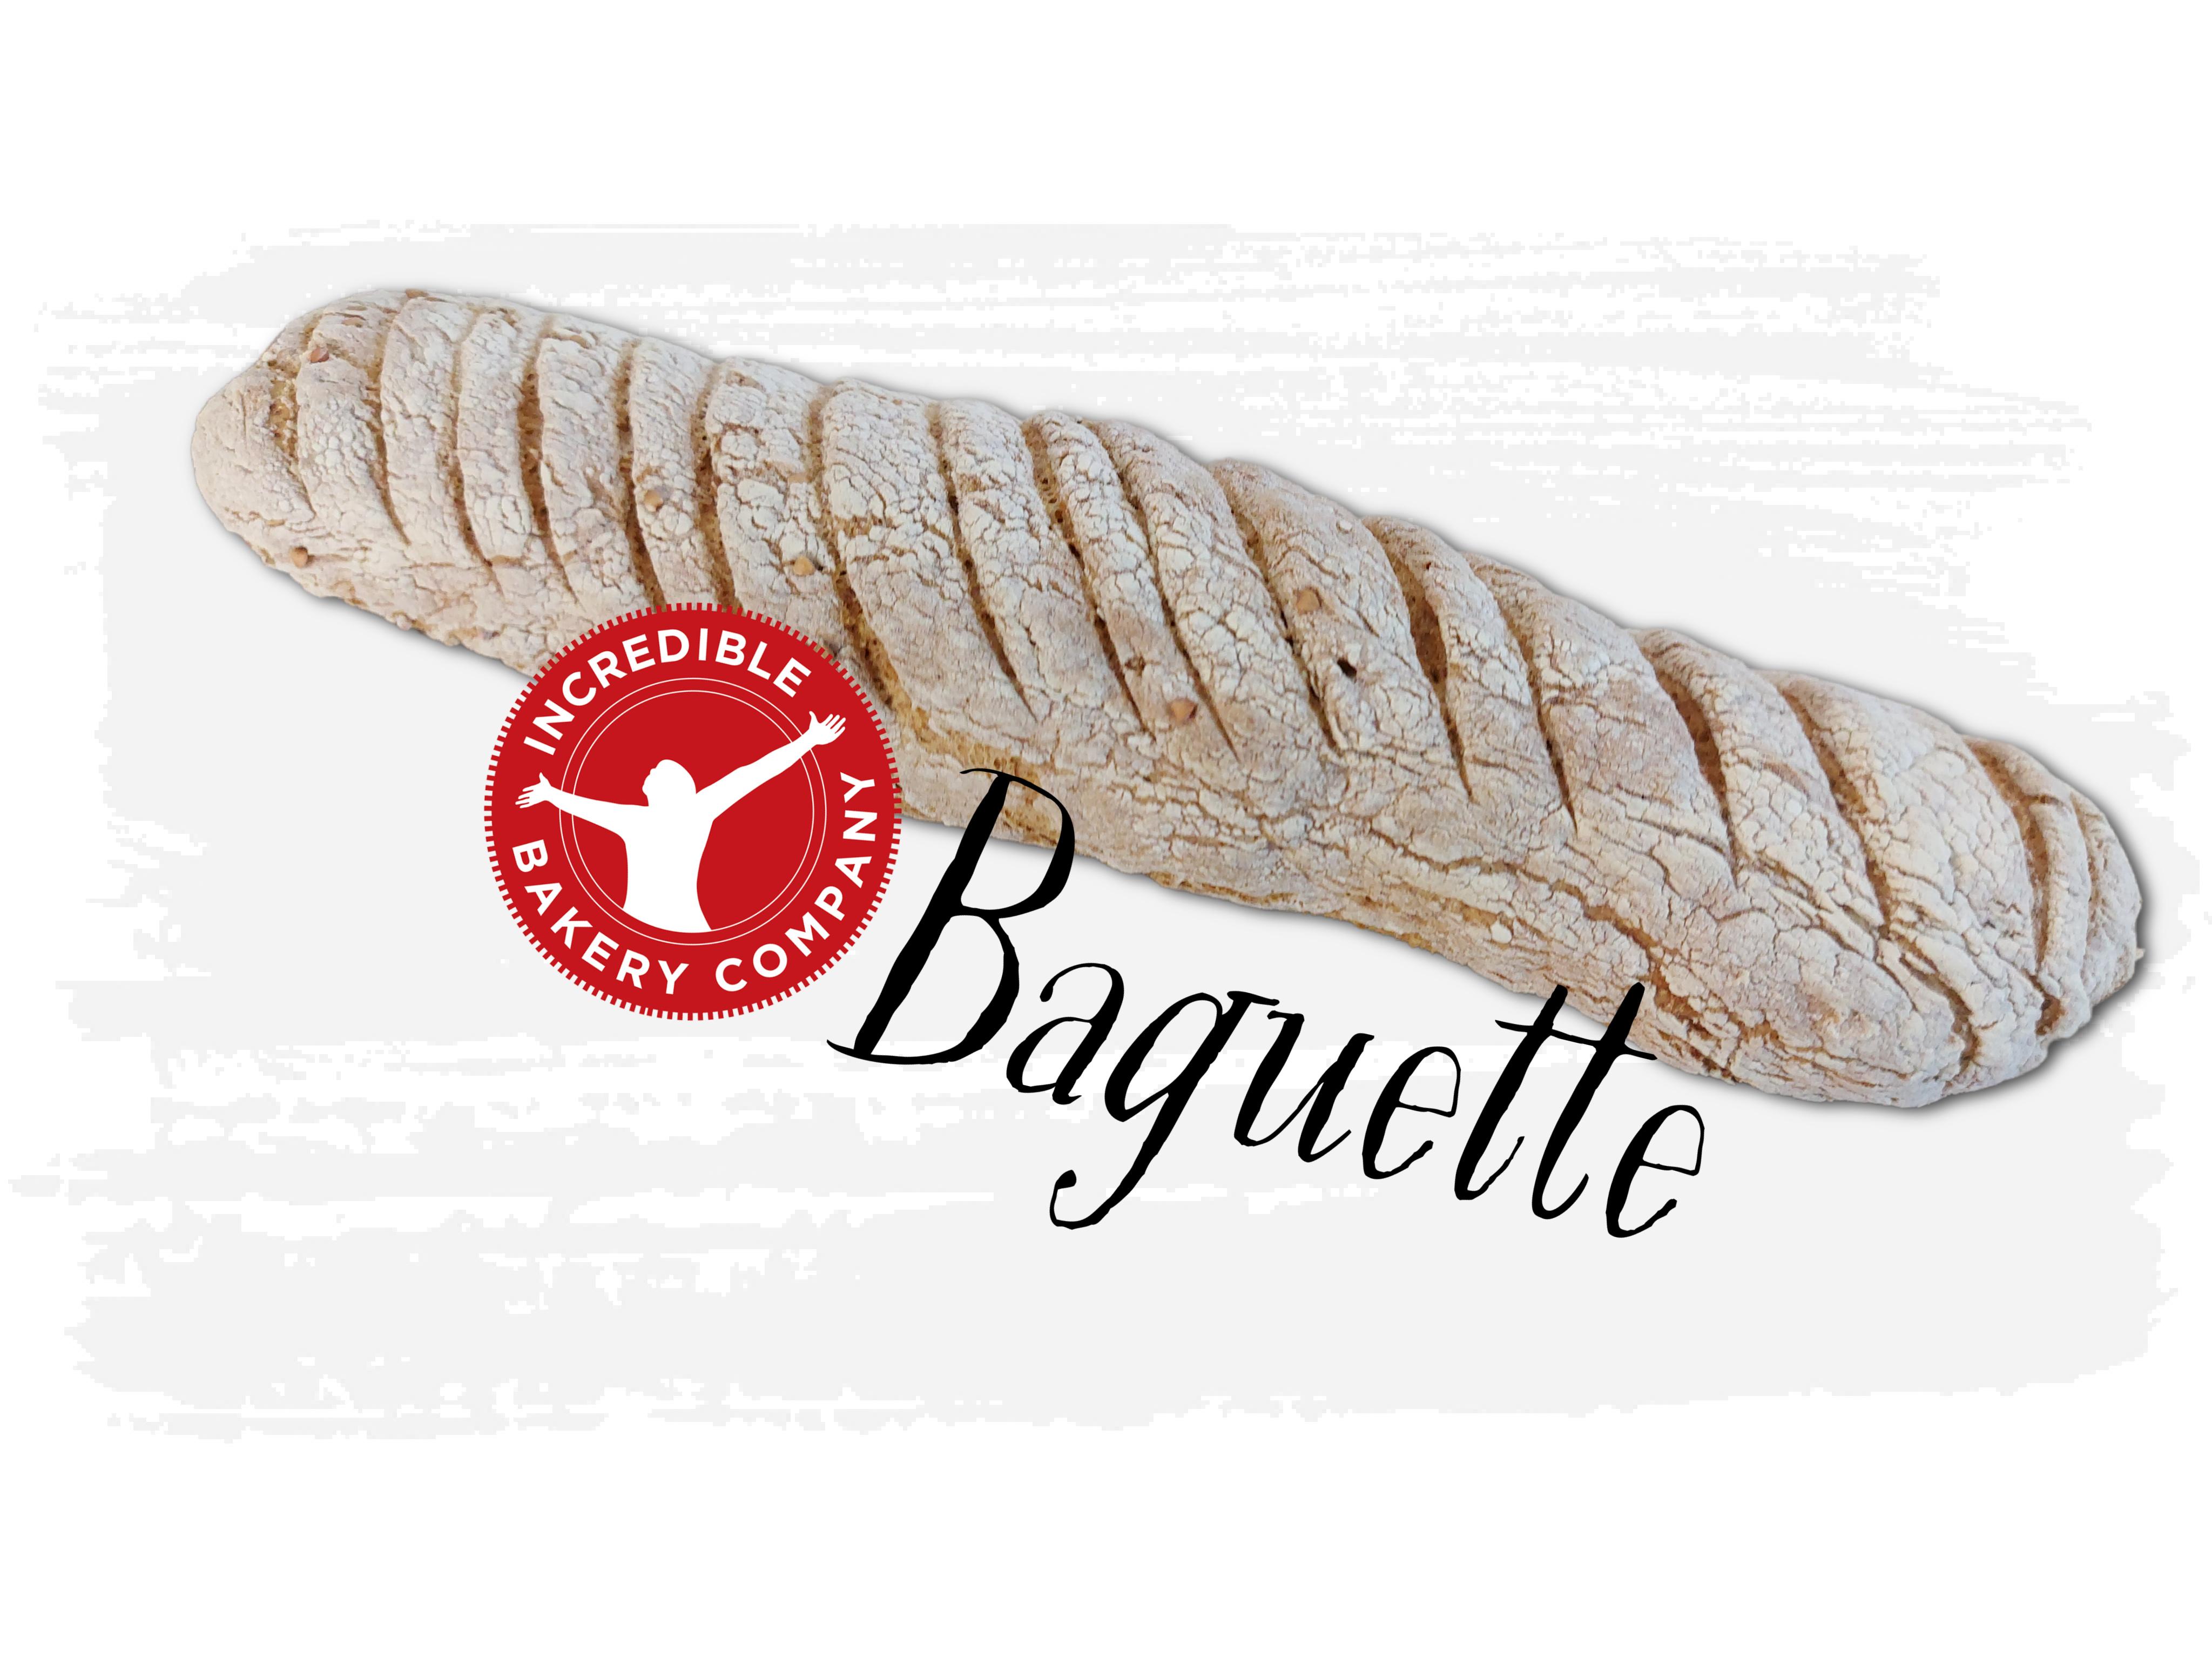 baguette-2.jpg